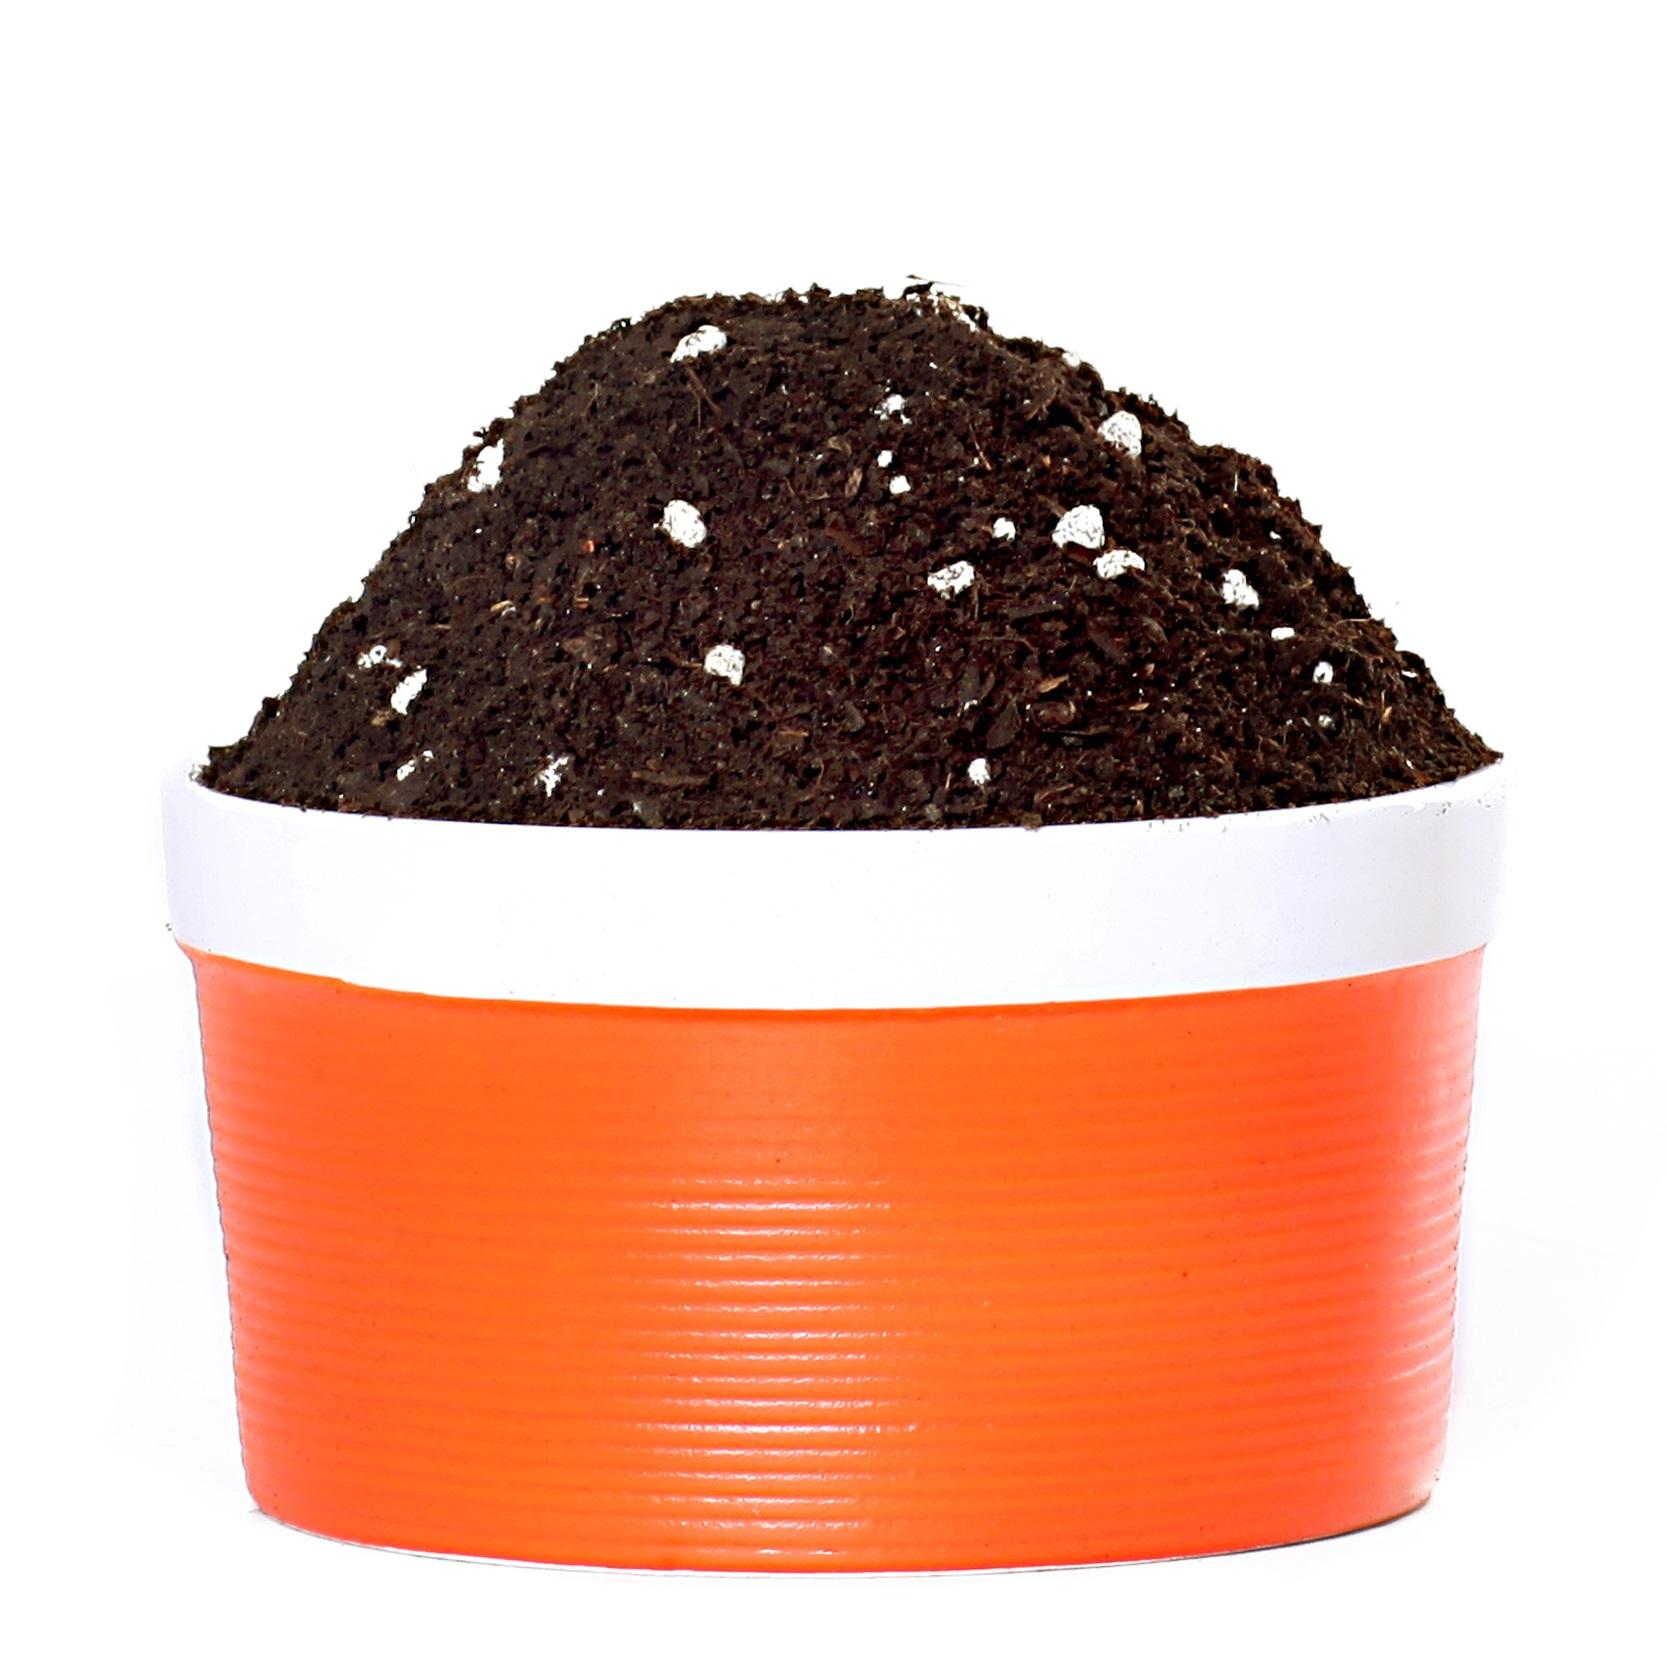 花土营养土种植土通用型多肉土多肉营养土绿萝专用土花泥土壤包邮-给呗网